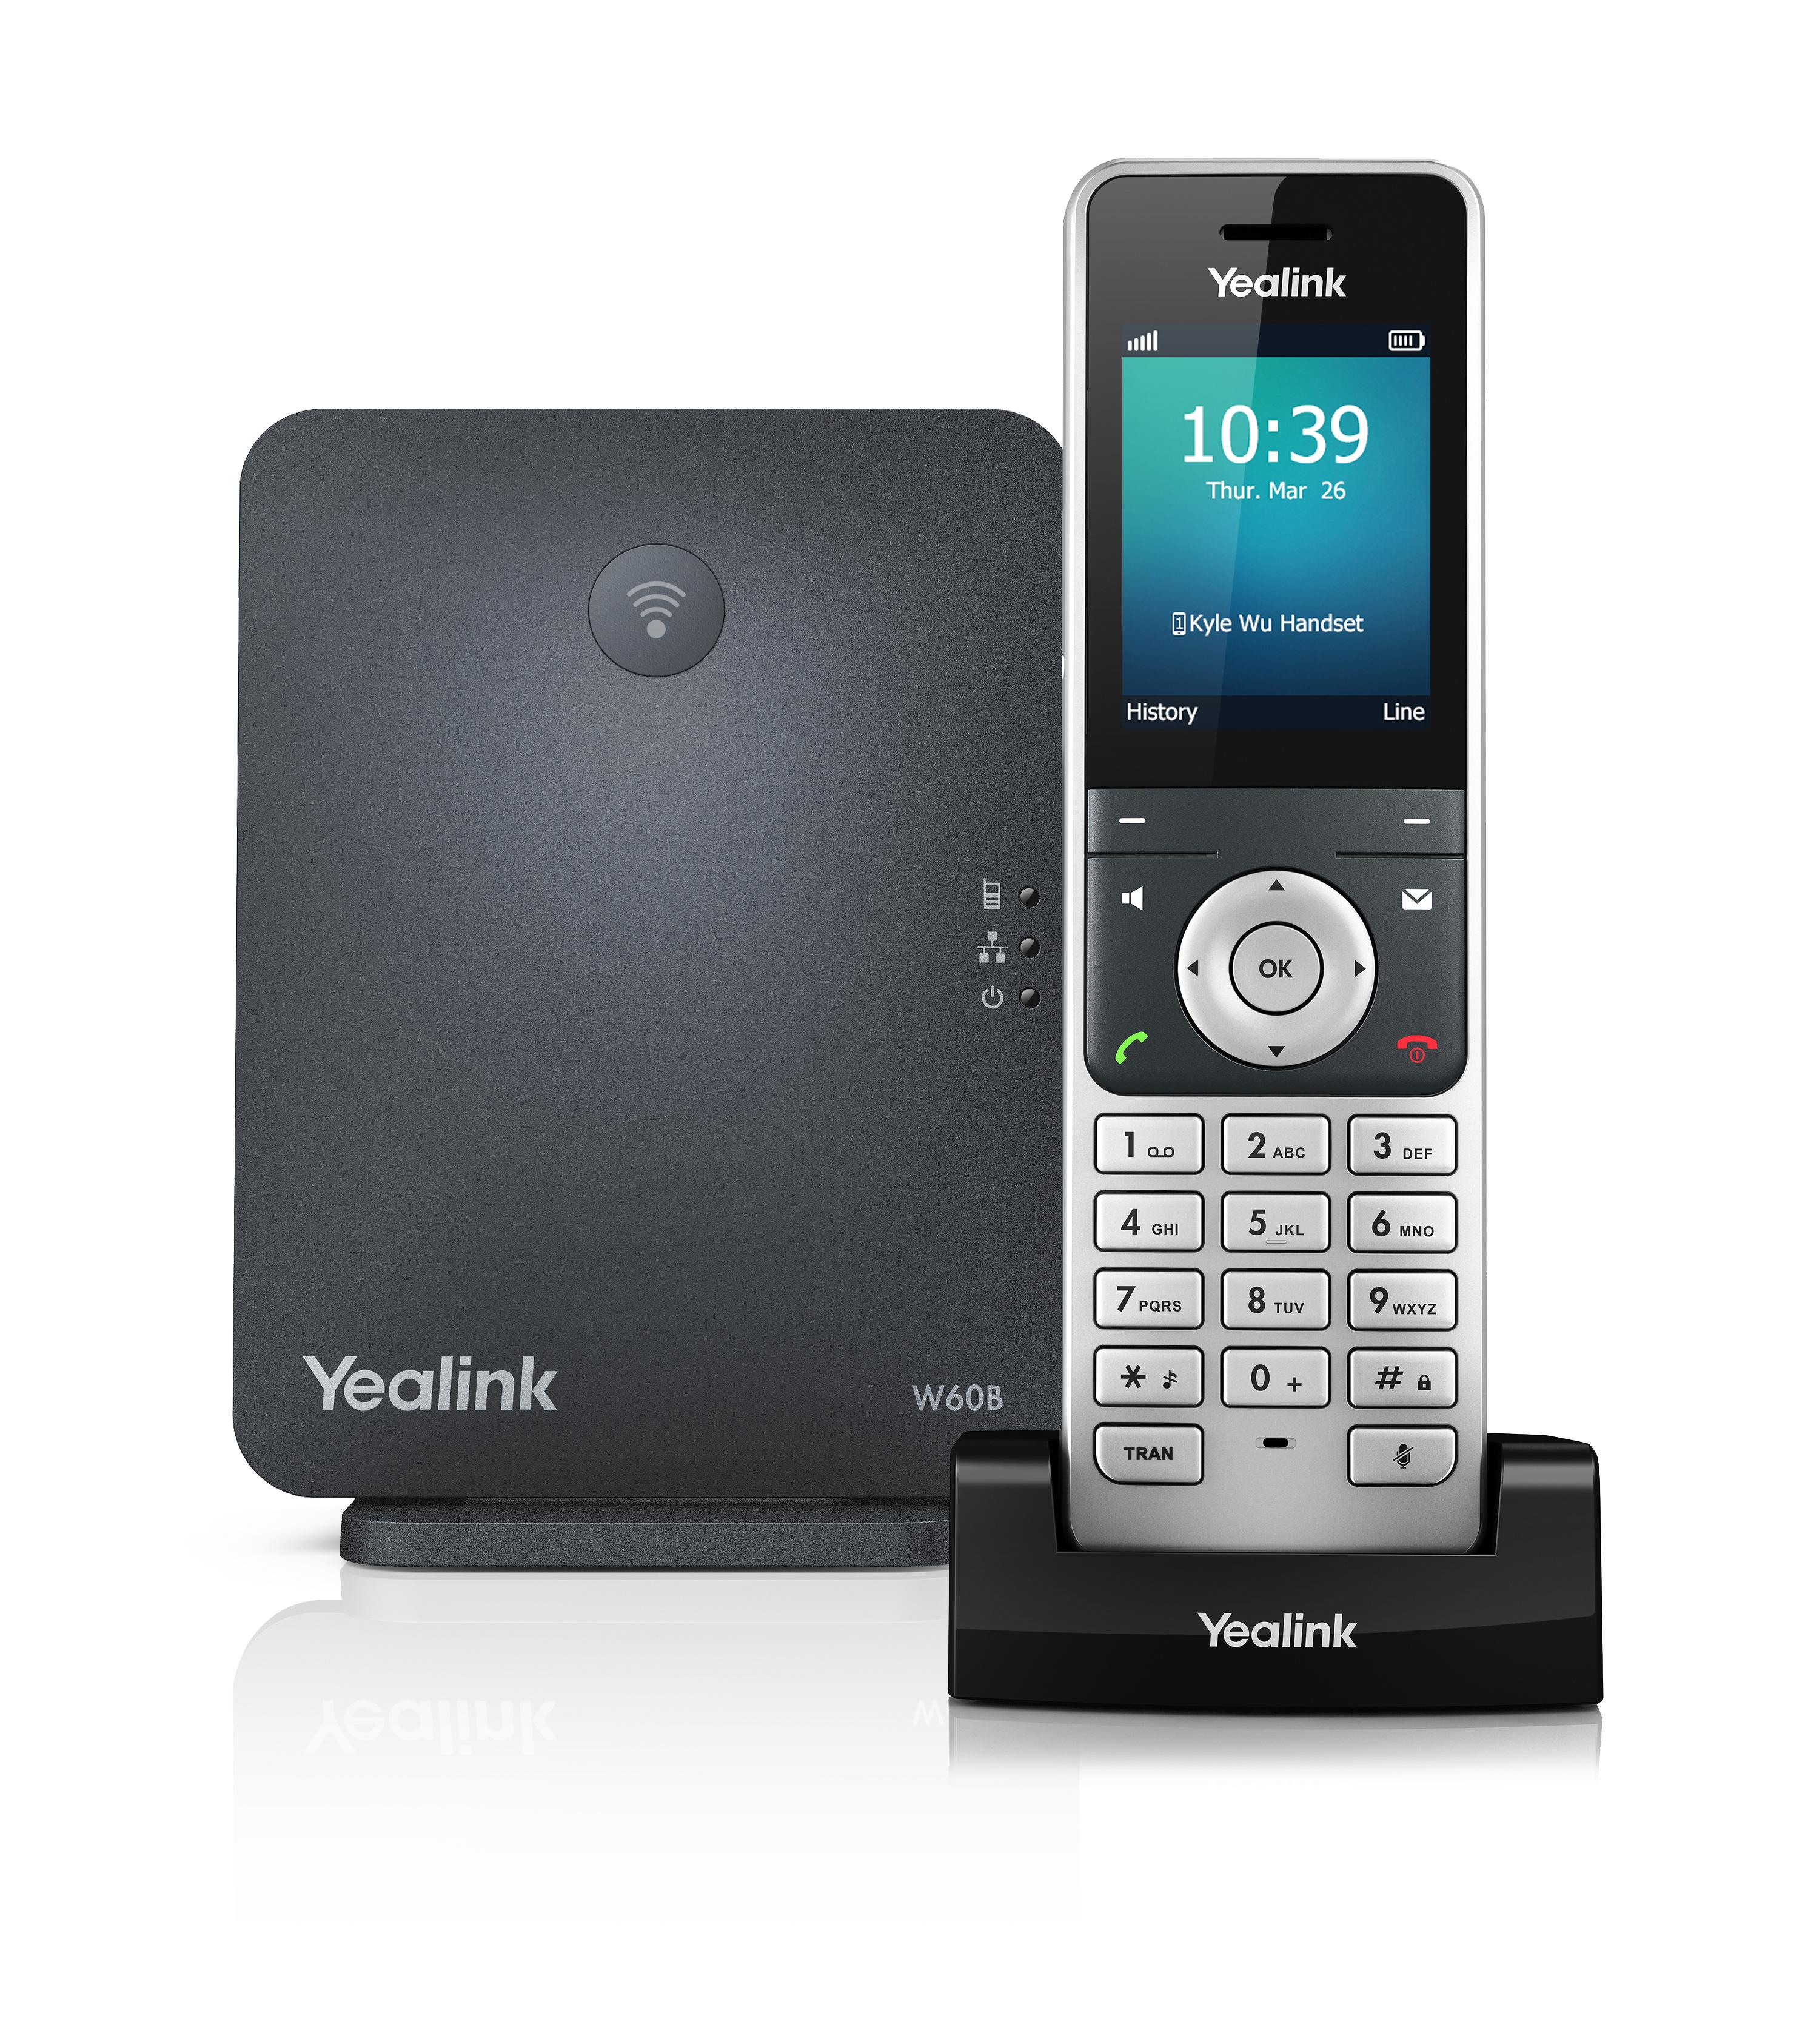 Bezdrátové řešení Yealink W60P